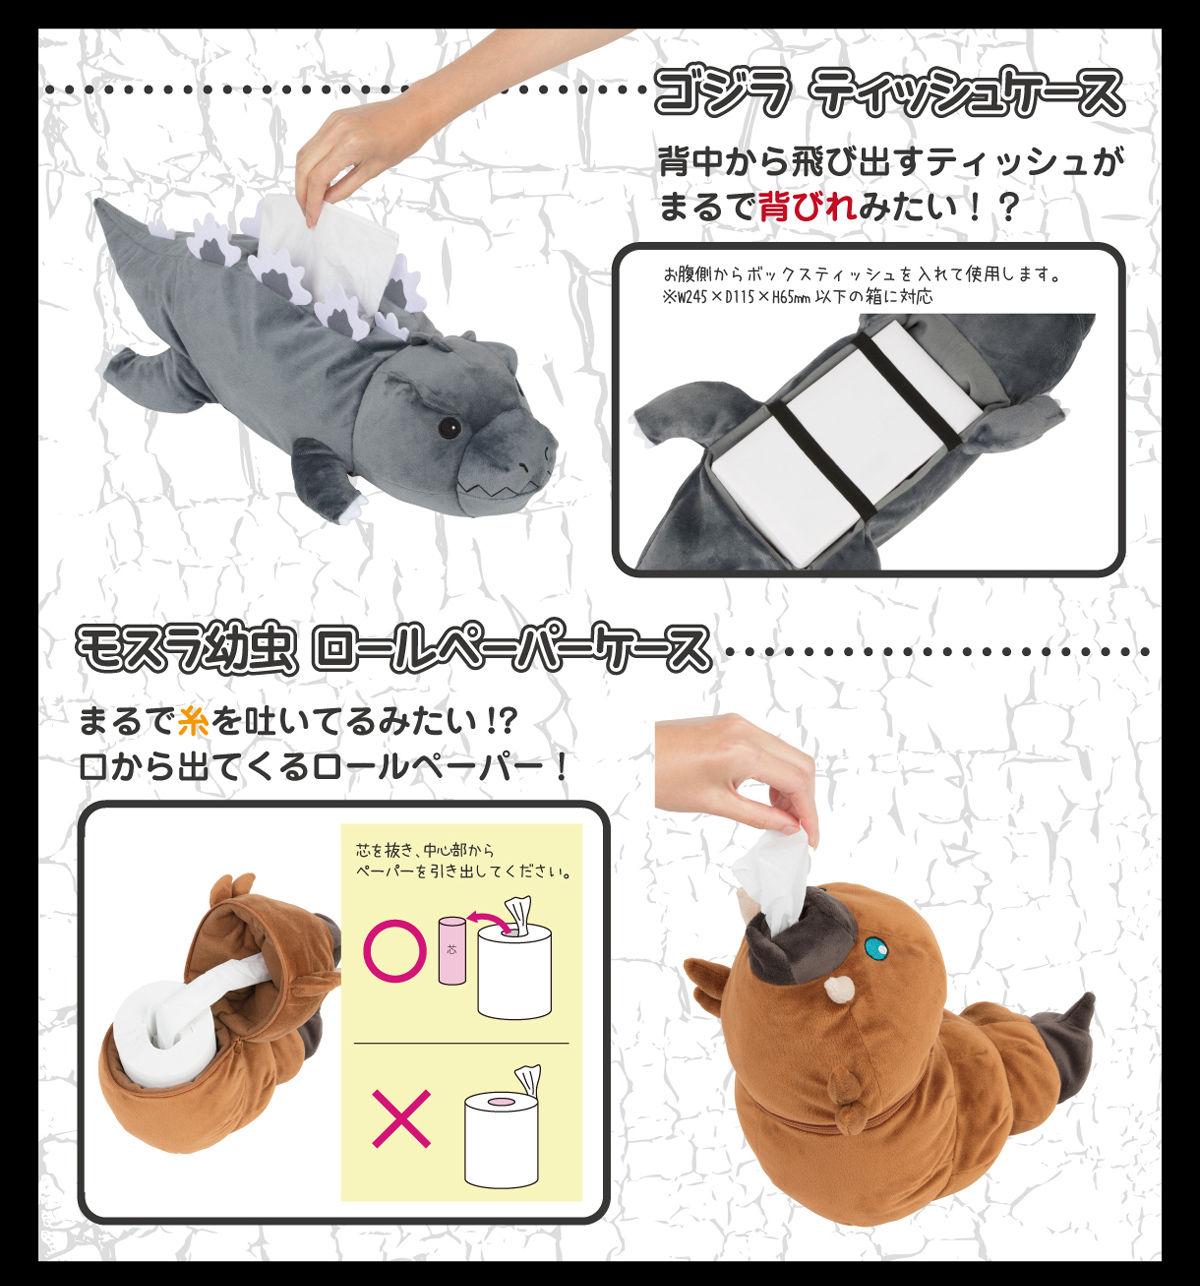 日本推出「哥吉拉、摩斯拉面紙套」設計超酷 衛生紙裝進去...摩斯拉會吐絲!